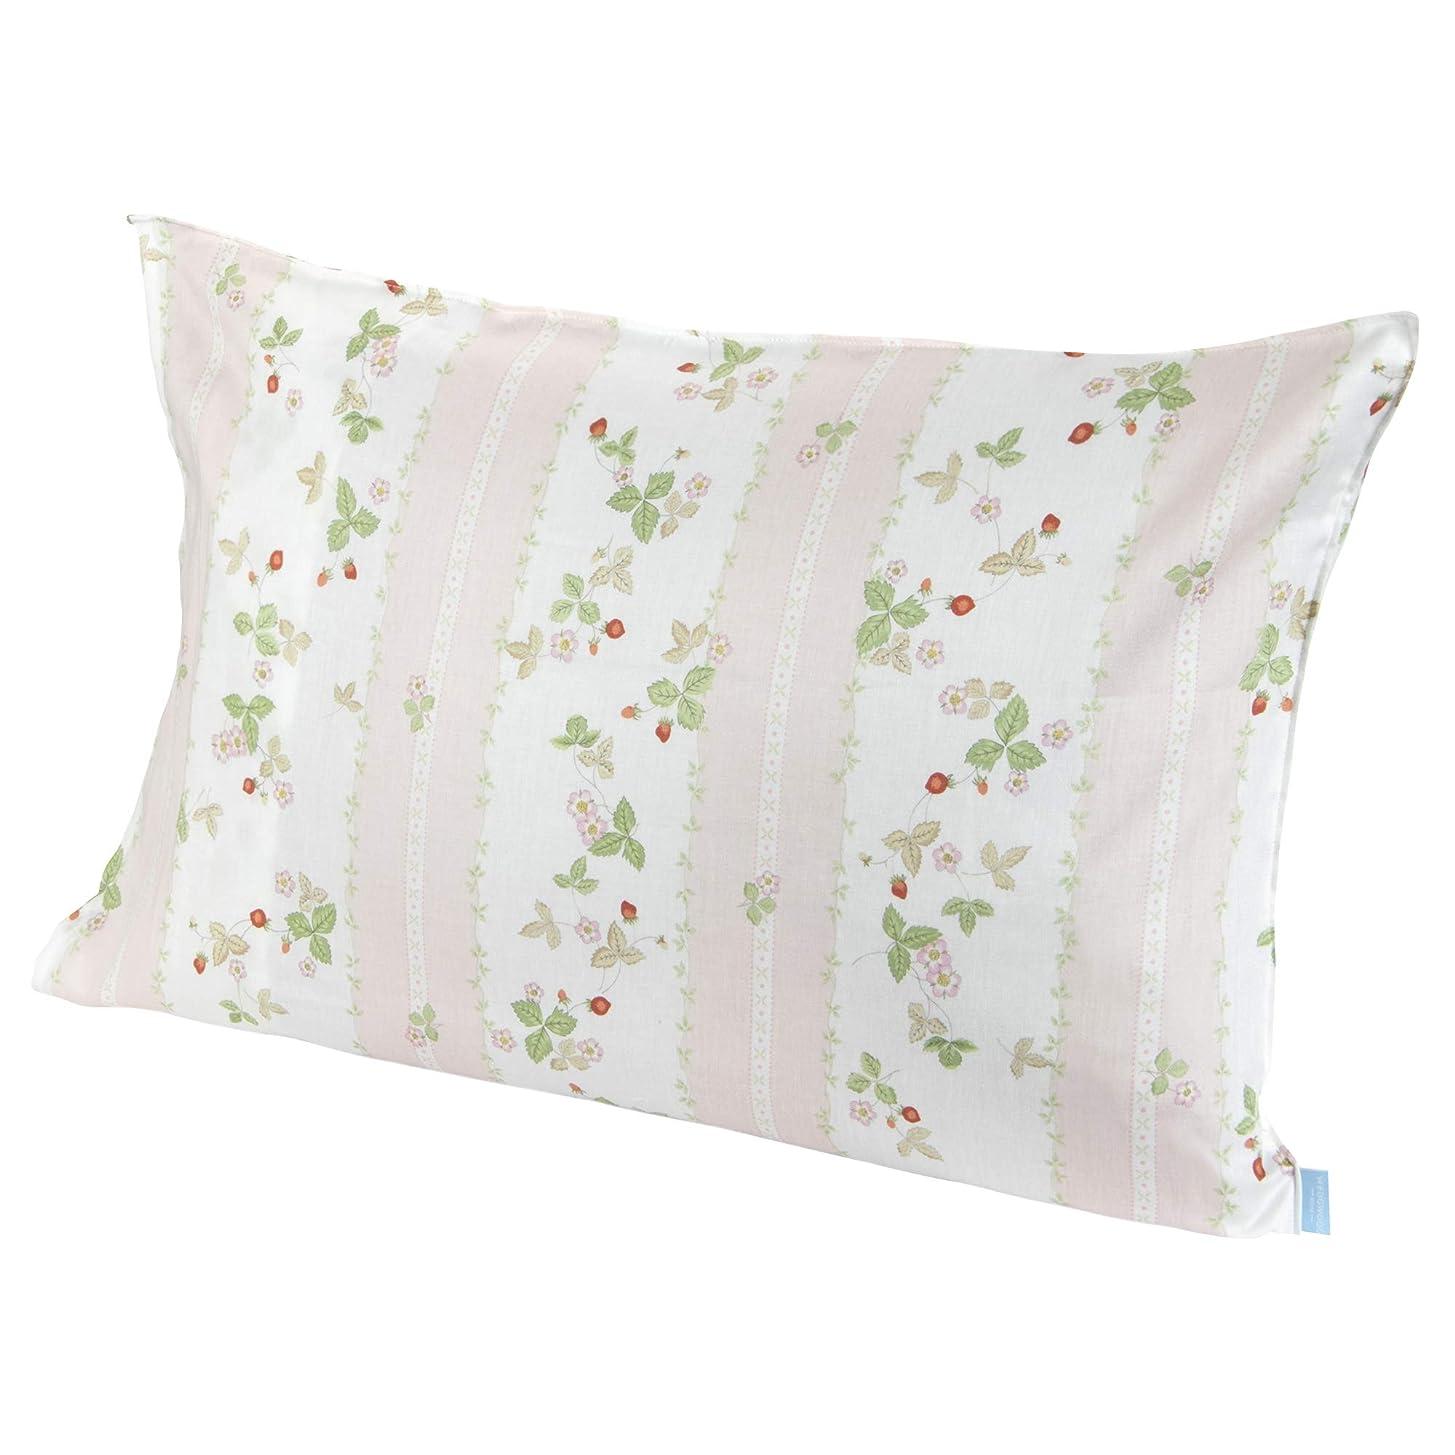 リム期待して耕す東京西川 枕カバー ピンク 63X43cm のサイズの枕用 ウェッジウッド ワイルドストロベリー 綿100% 日本製 PJ07305679P